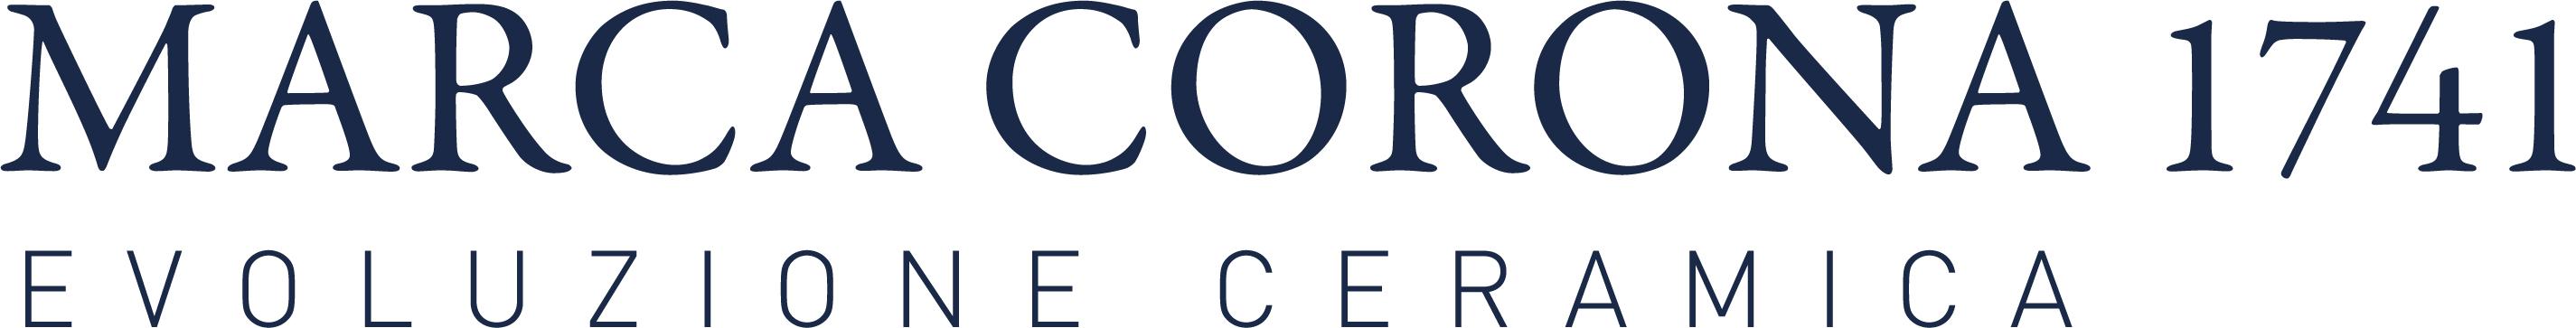 Výsledek obrázku pro marcacorona logo